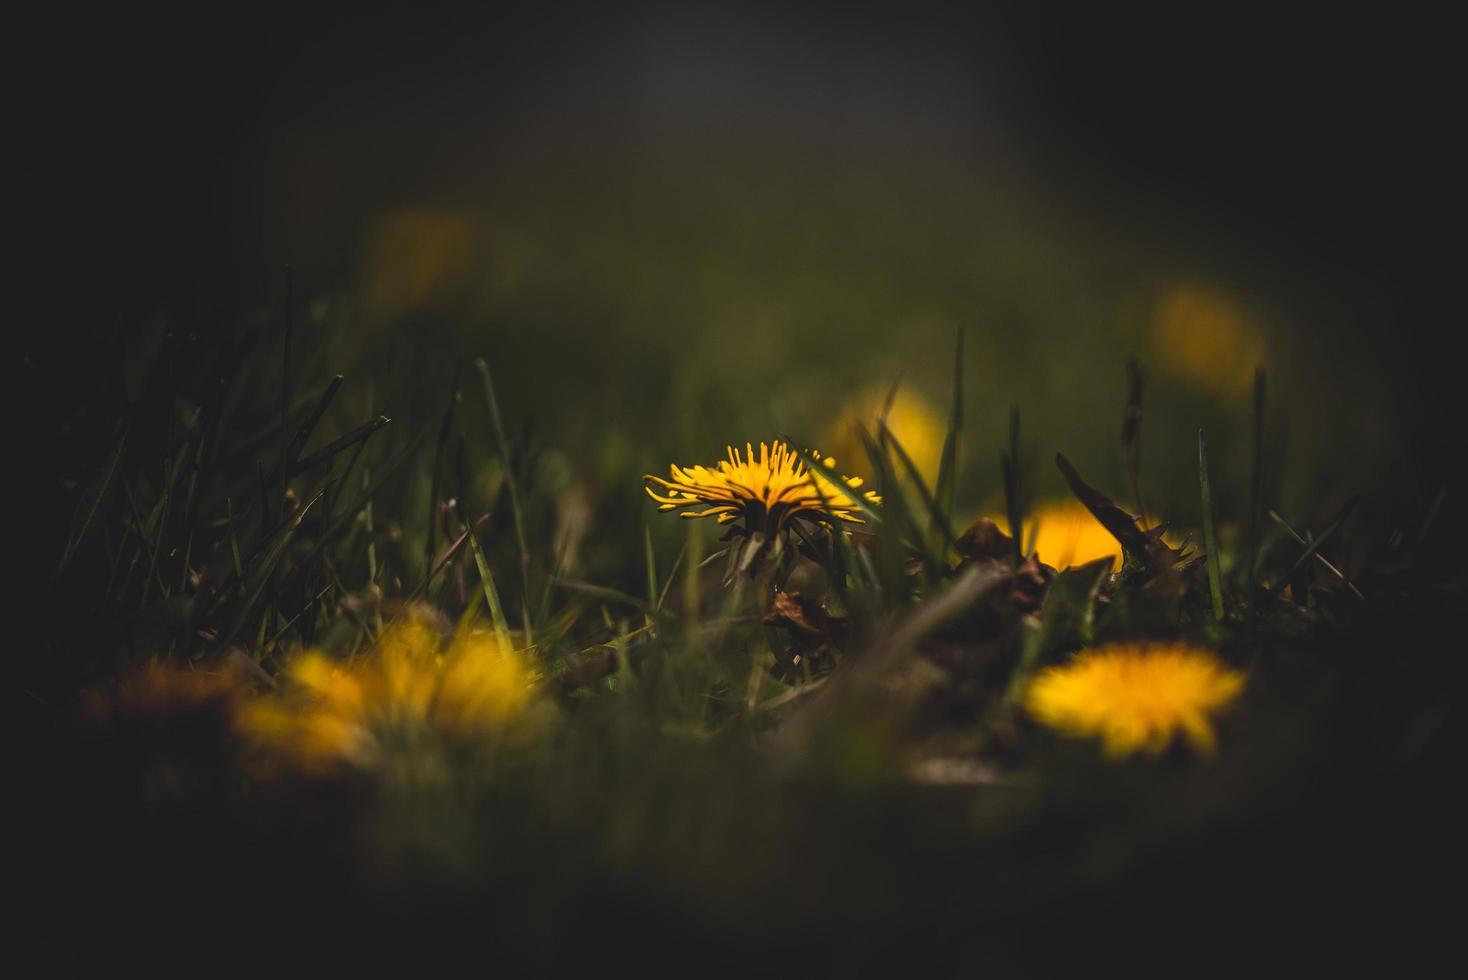 denti di leone gialli in campo scuro foto